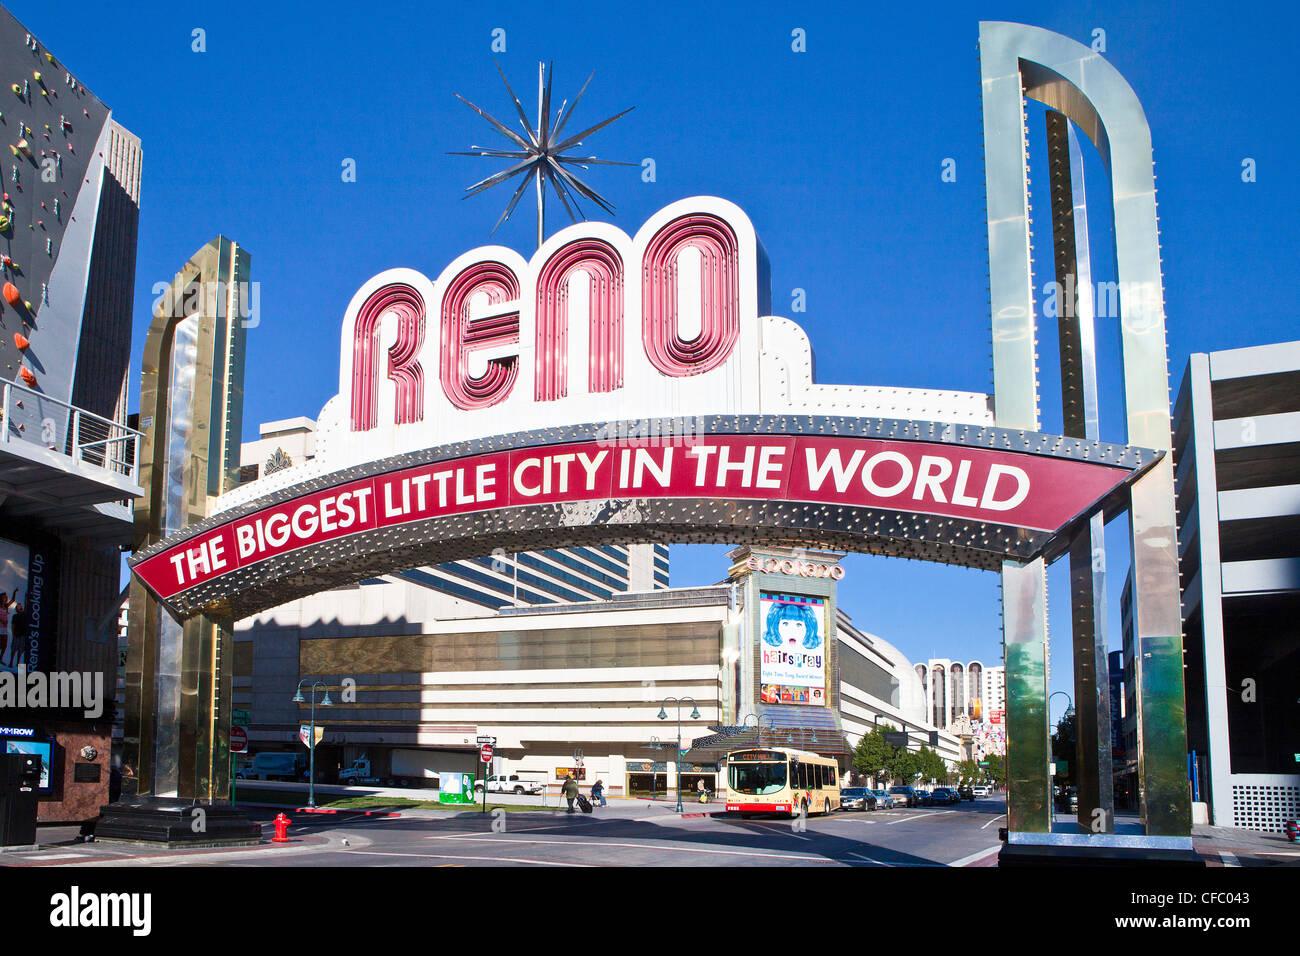 Gambling usa city horseshoe casino cleveland gambling problem